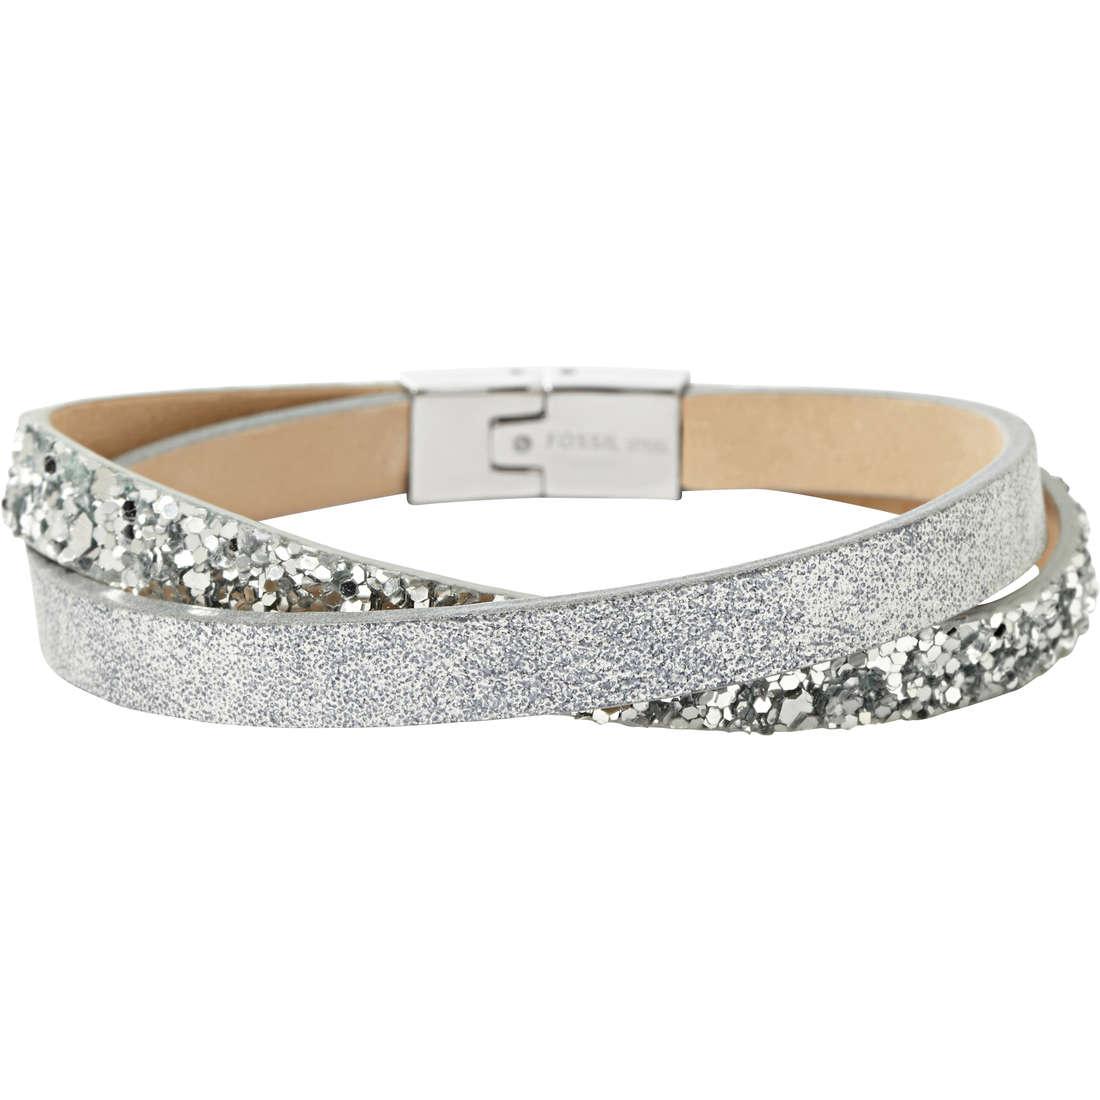 bracelet woman jewellery Fossil JF01029040